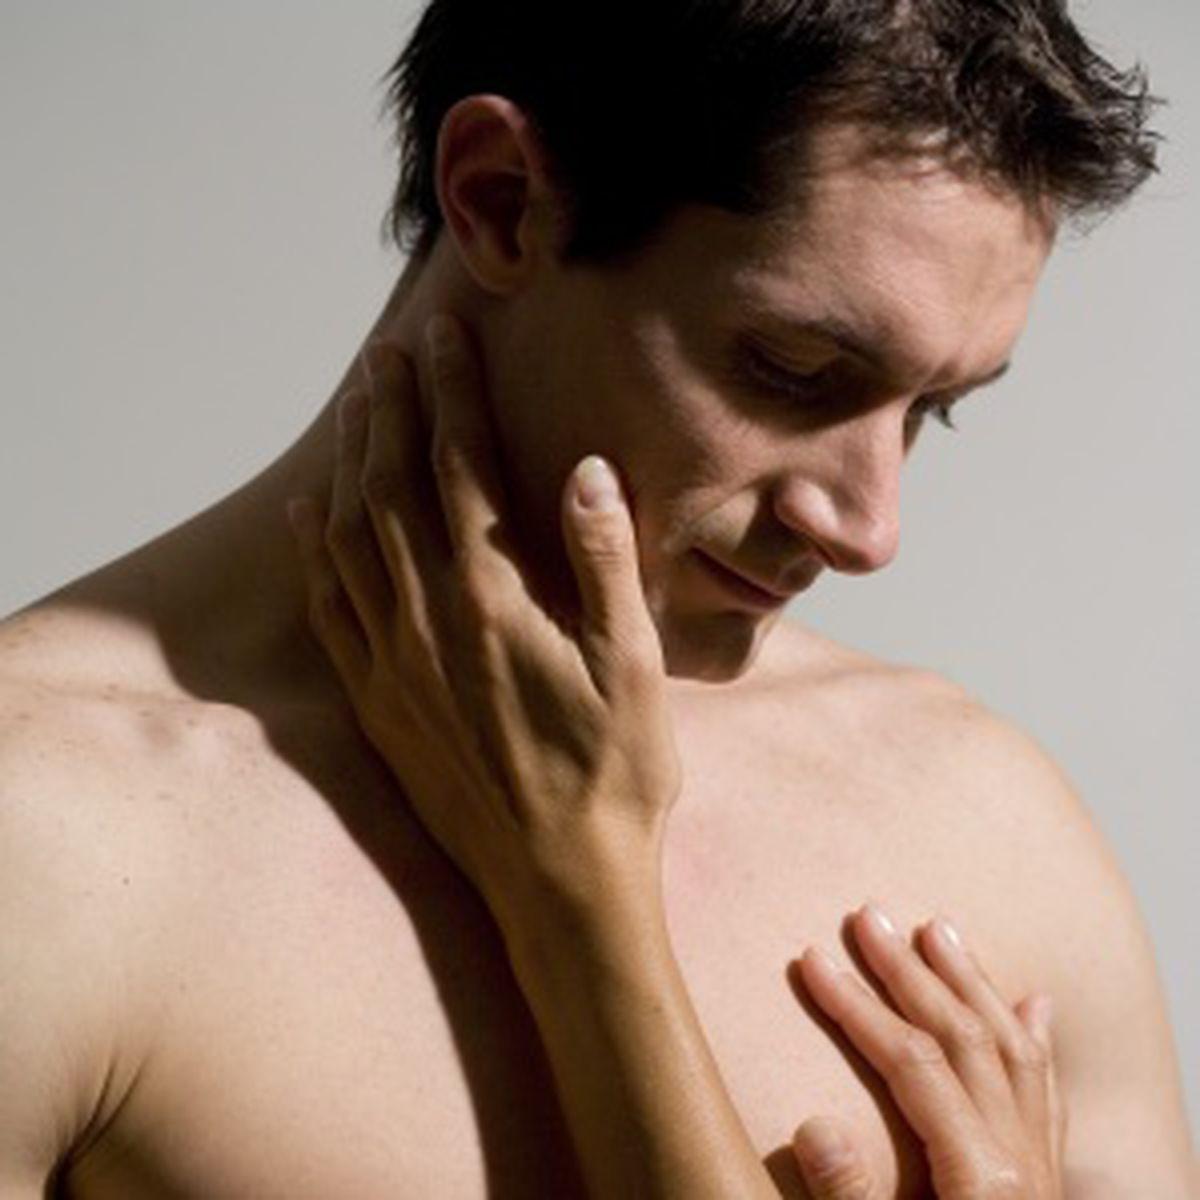 erecția unui bărbat cade înainte de actul sexual)